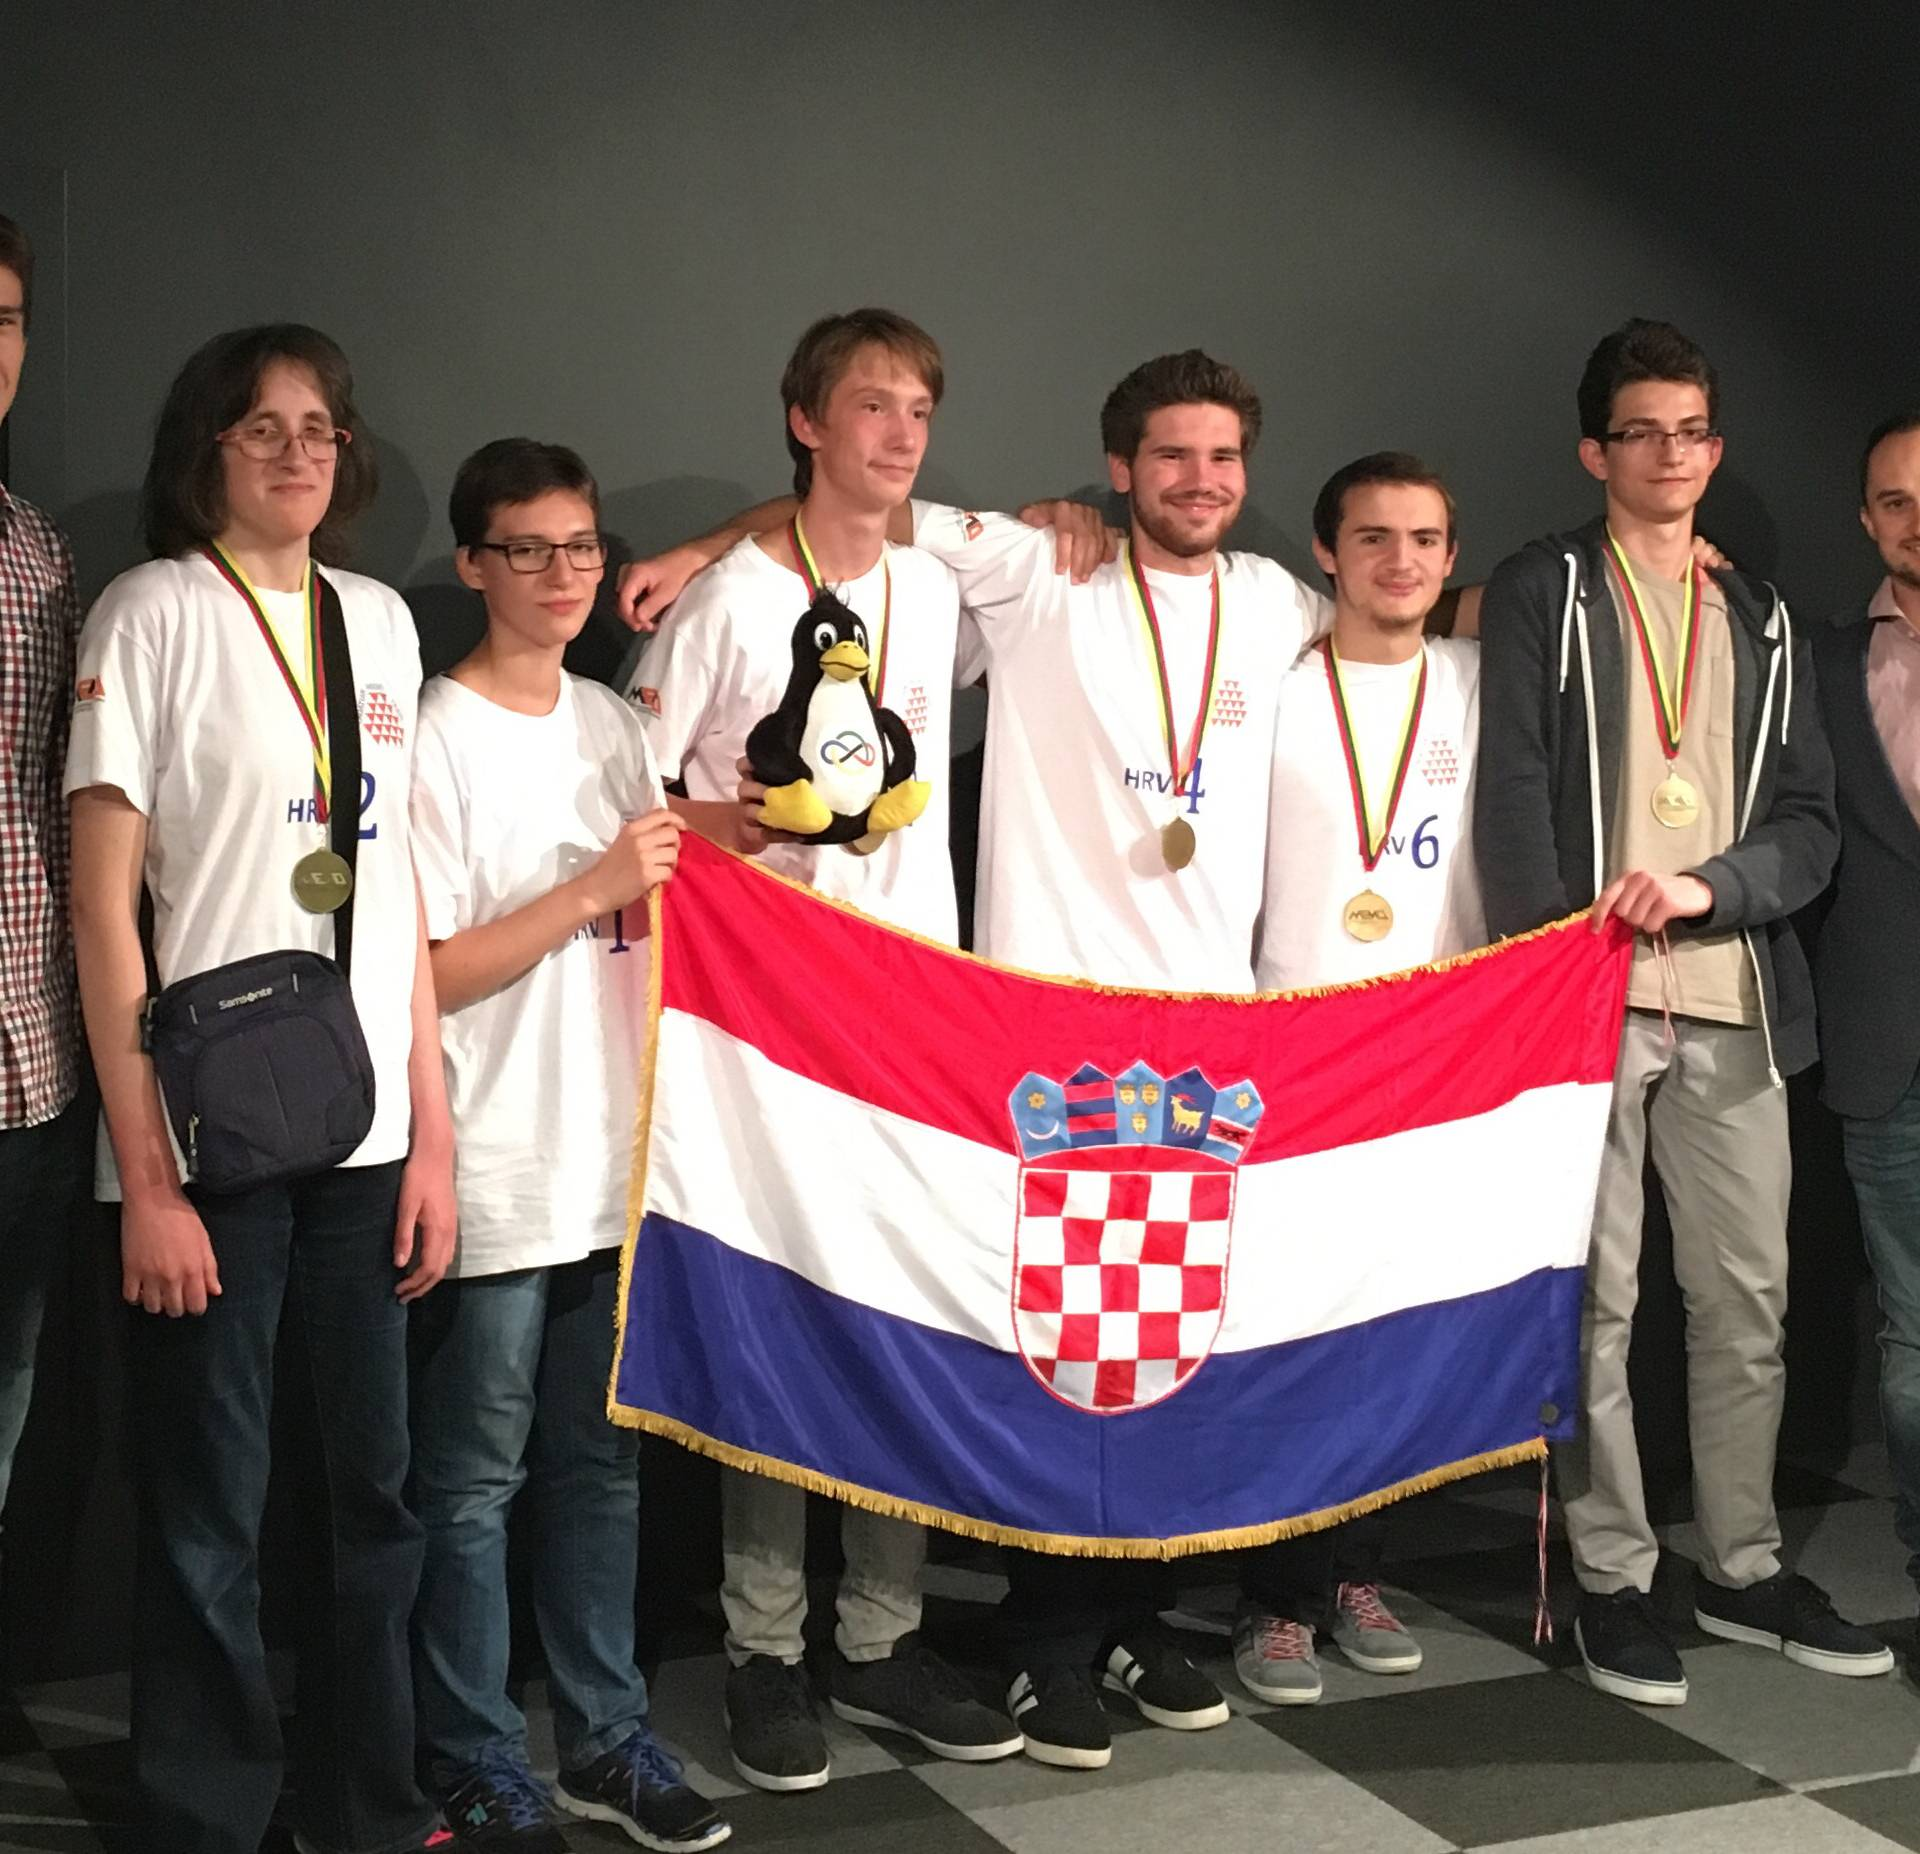 Hrvatski matematičari su na olimpijadi uzeli zlato i broncu